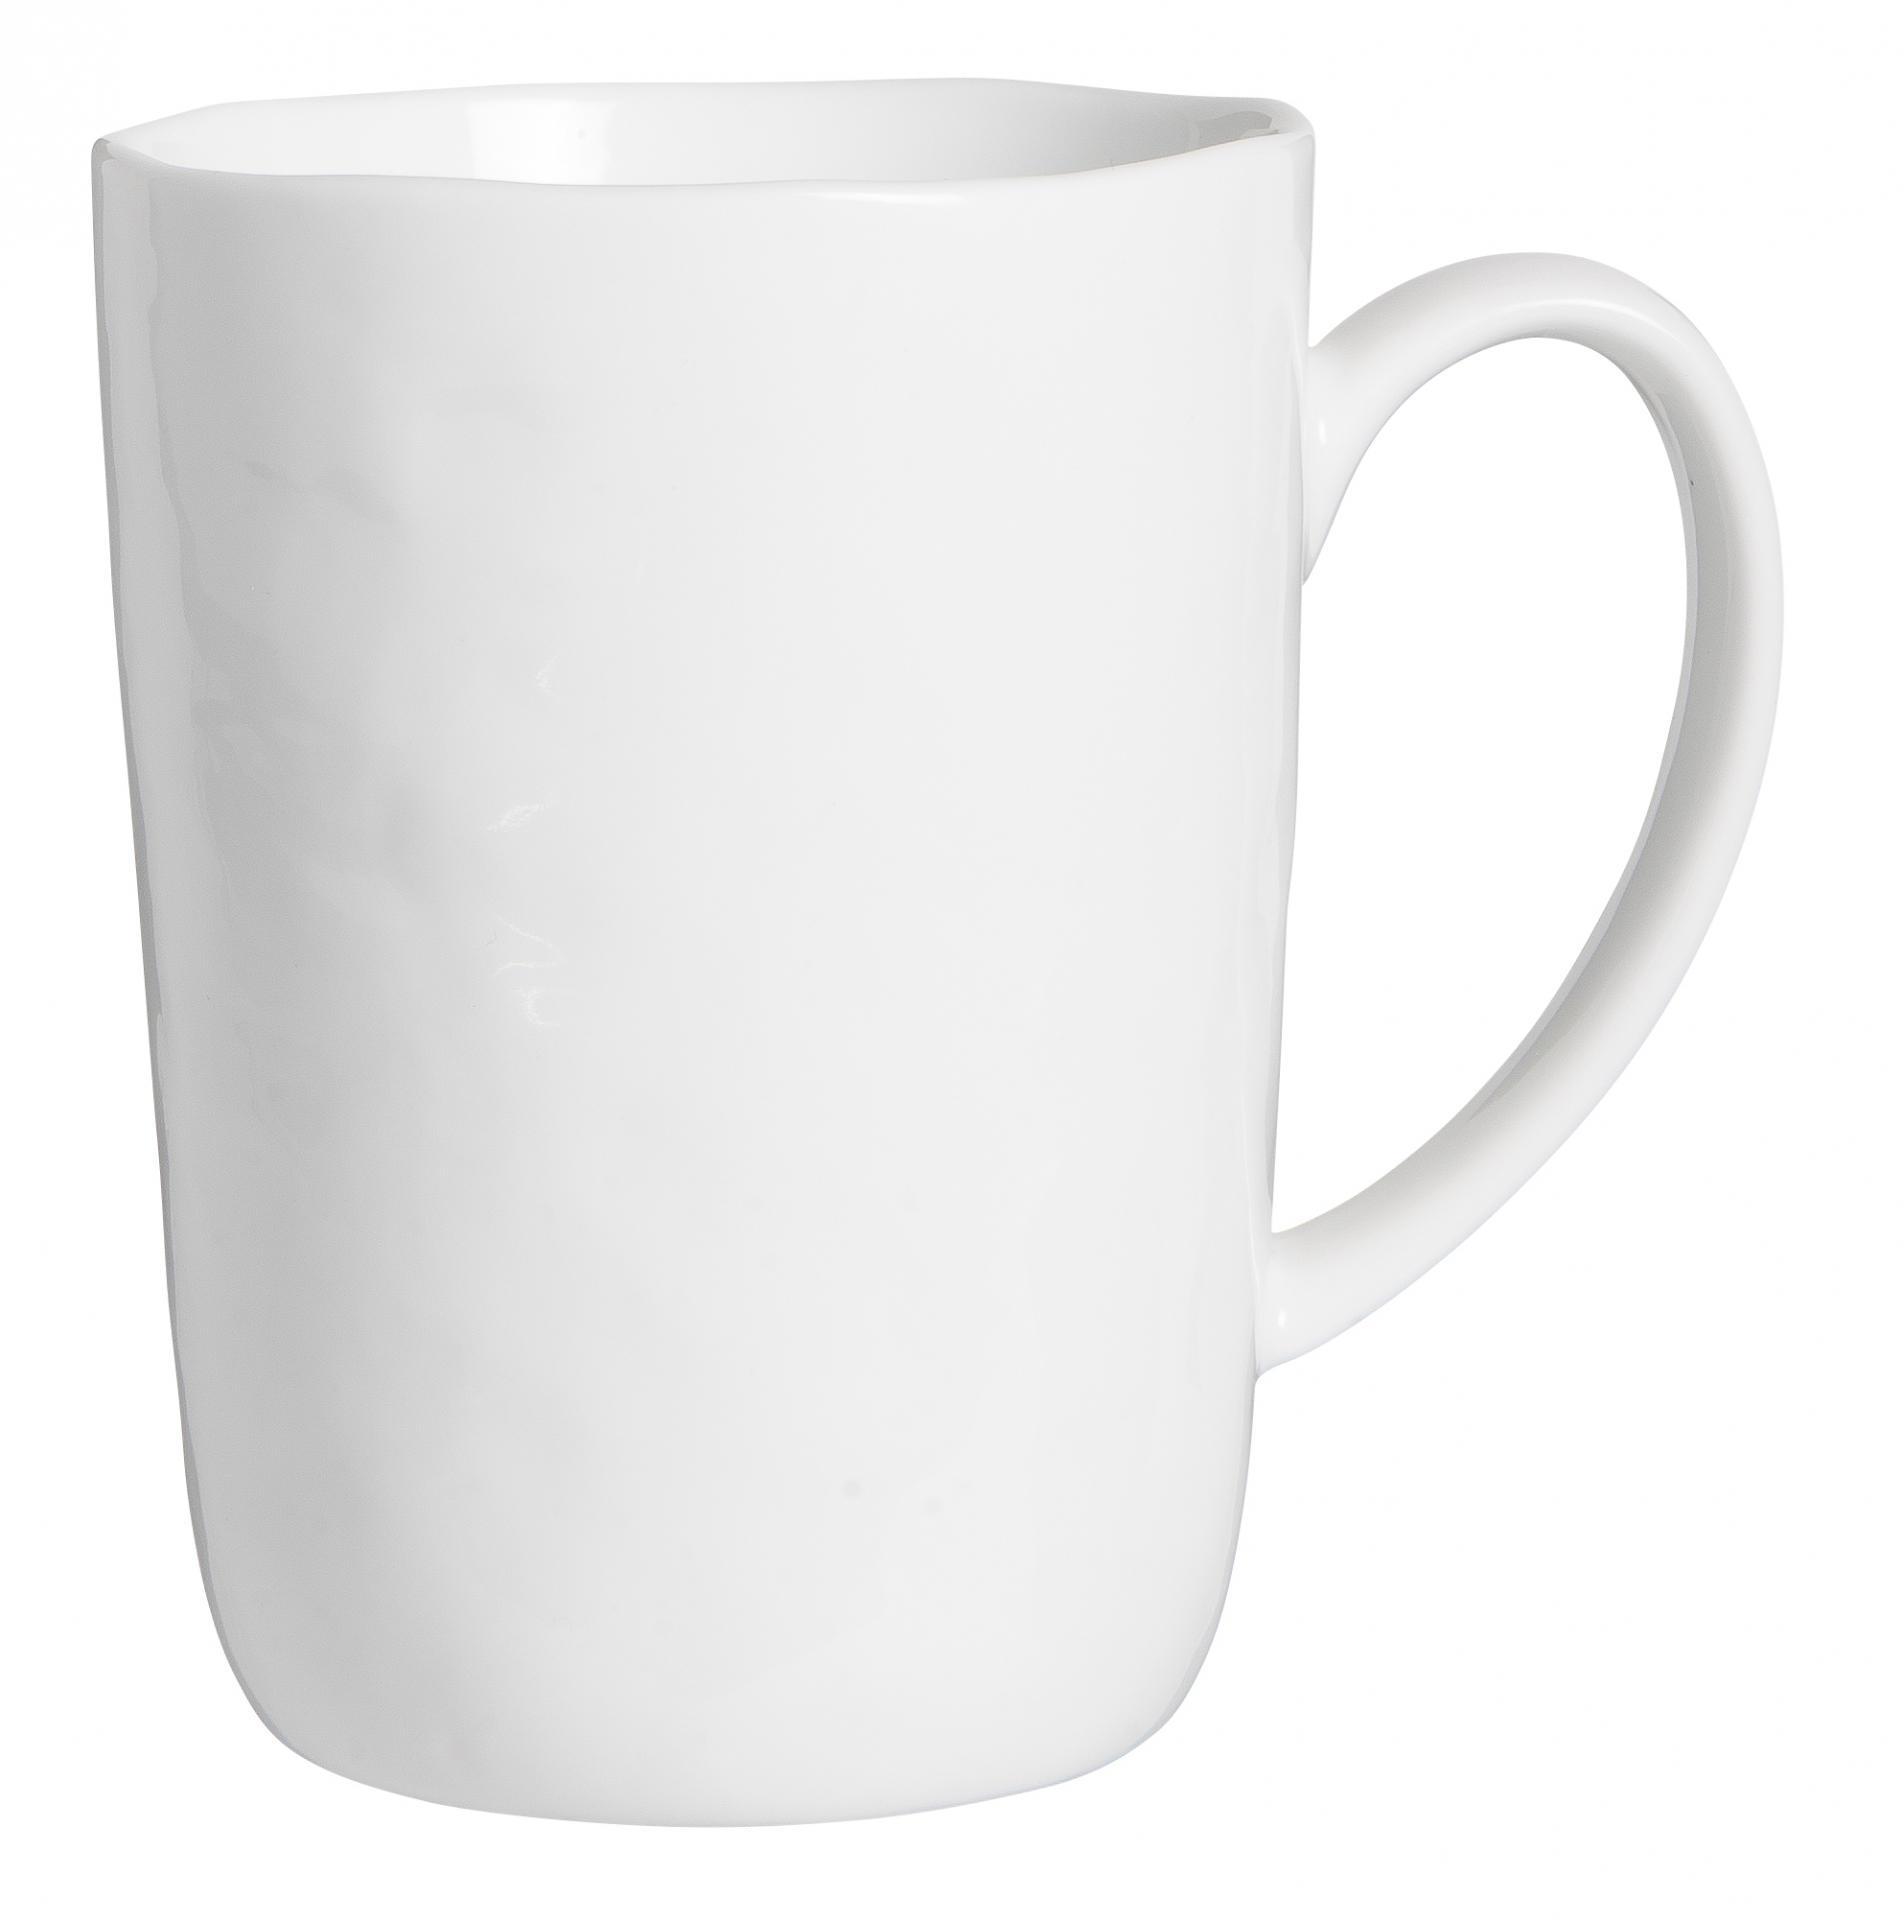 IB LAURSEN Porcelánový hrneček Delicate White 320 ml, bílá barva, porcelán